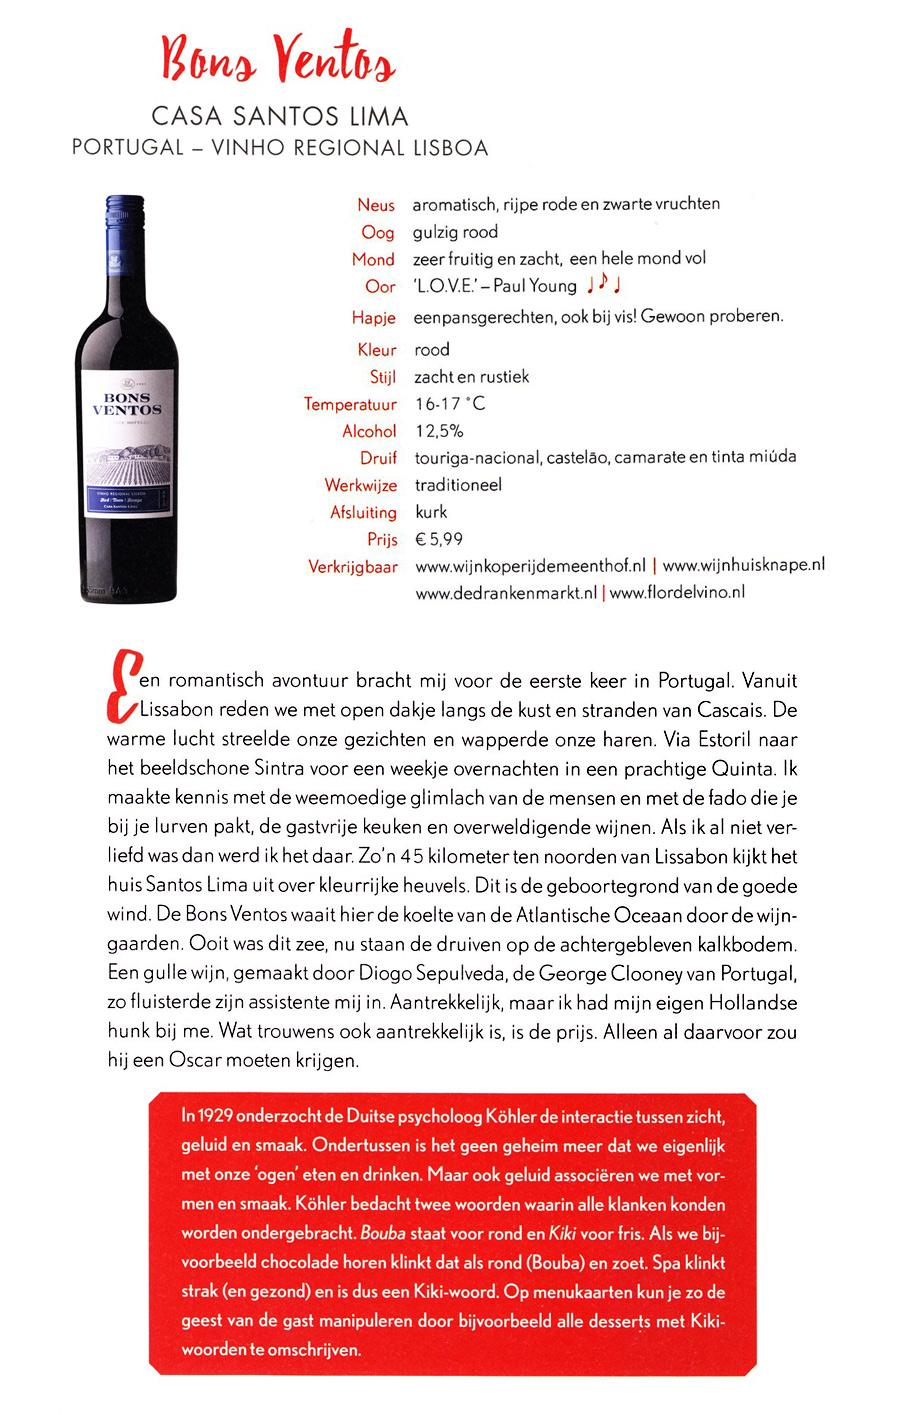 Janna Bons Ventos wijngids 2017